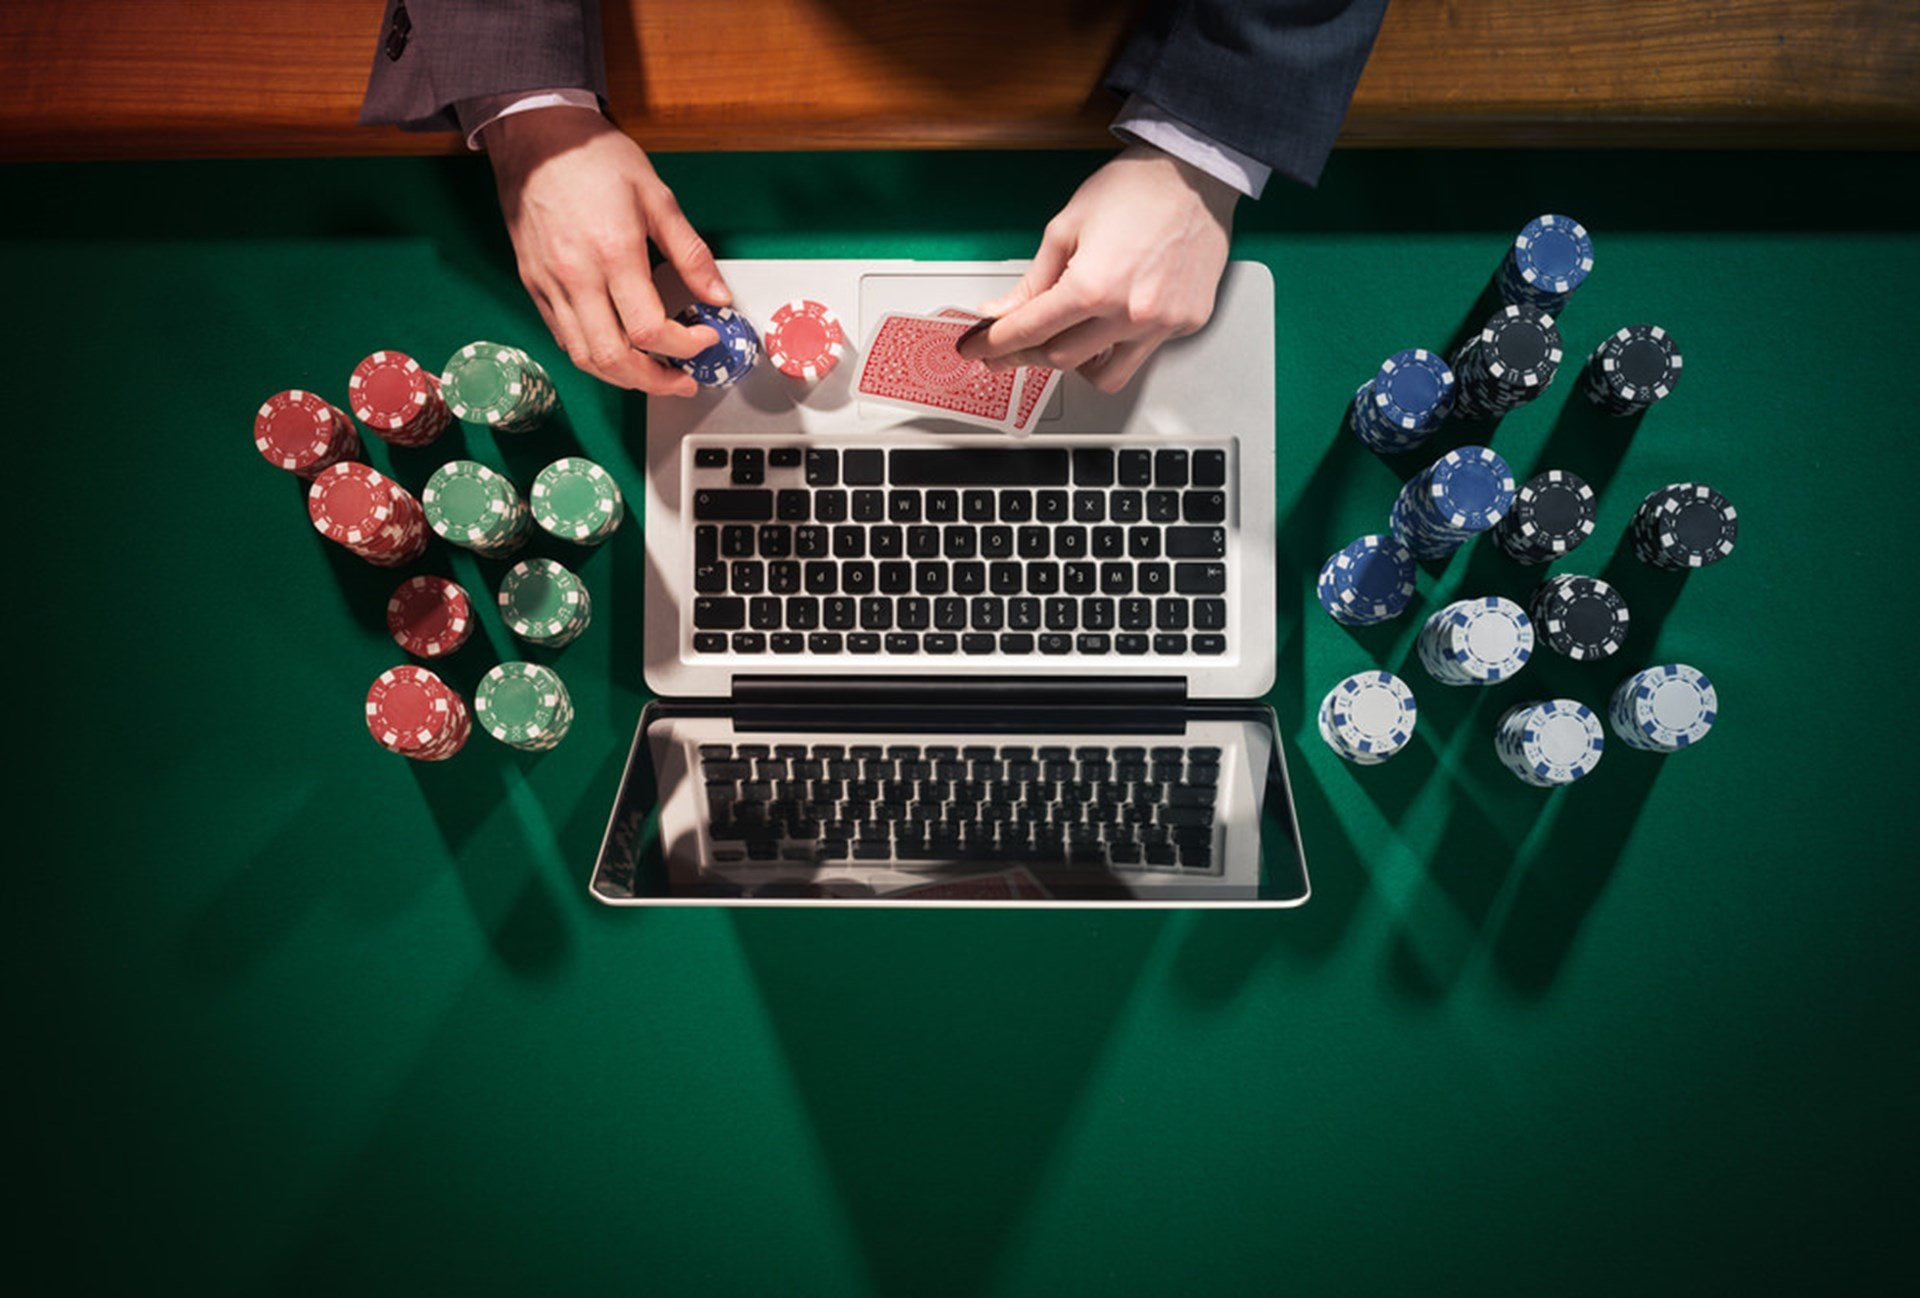 Онлайн-казино показали рекордную выручку в Испании